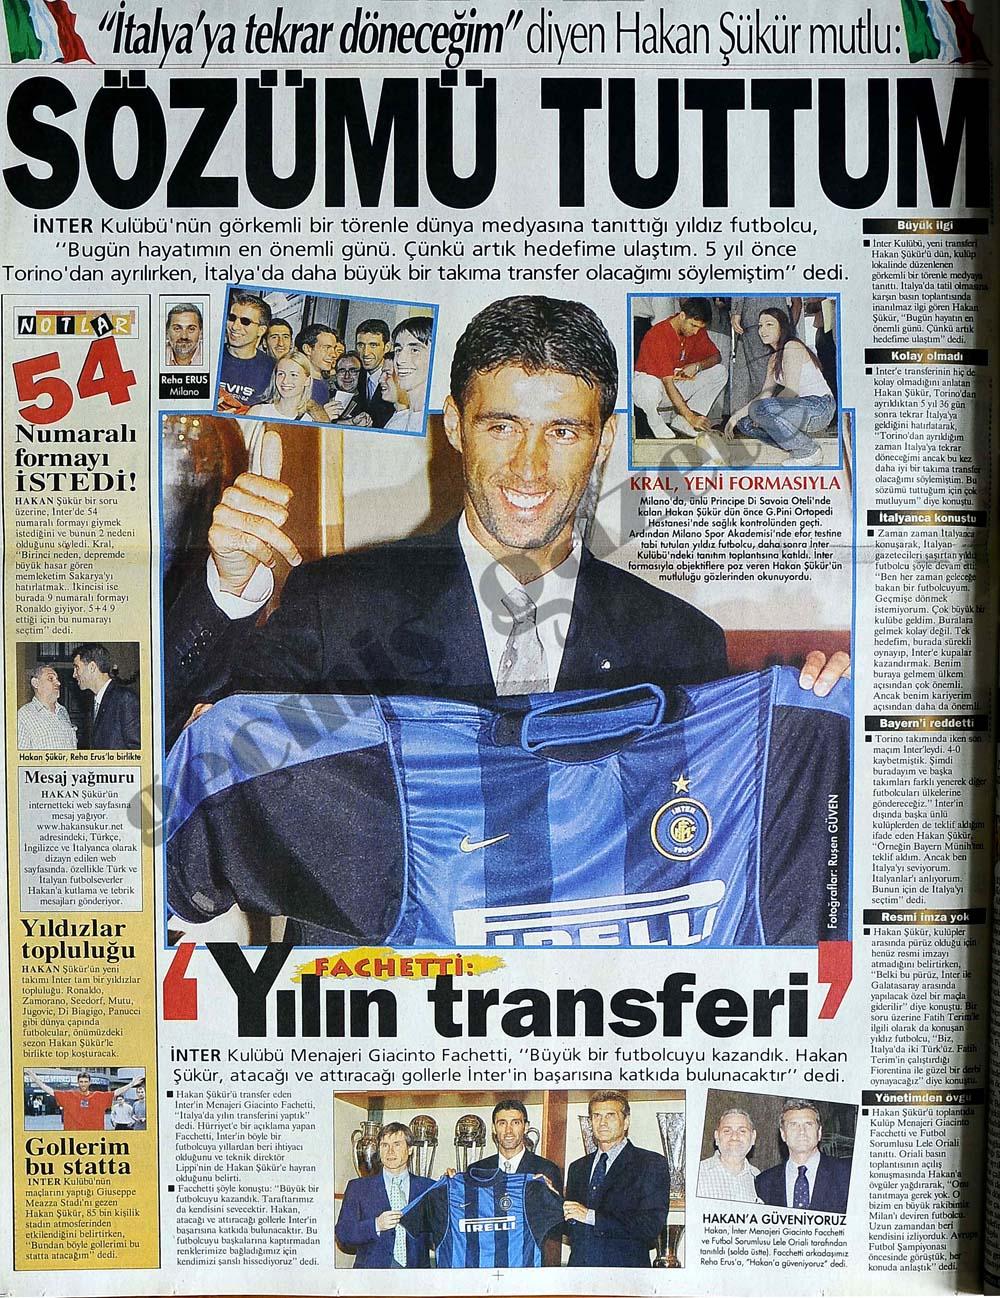 Yılın transferi